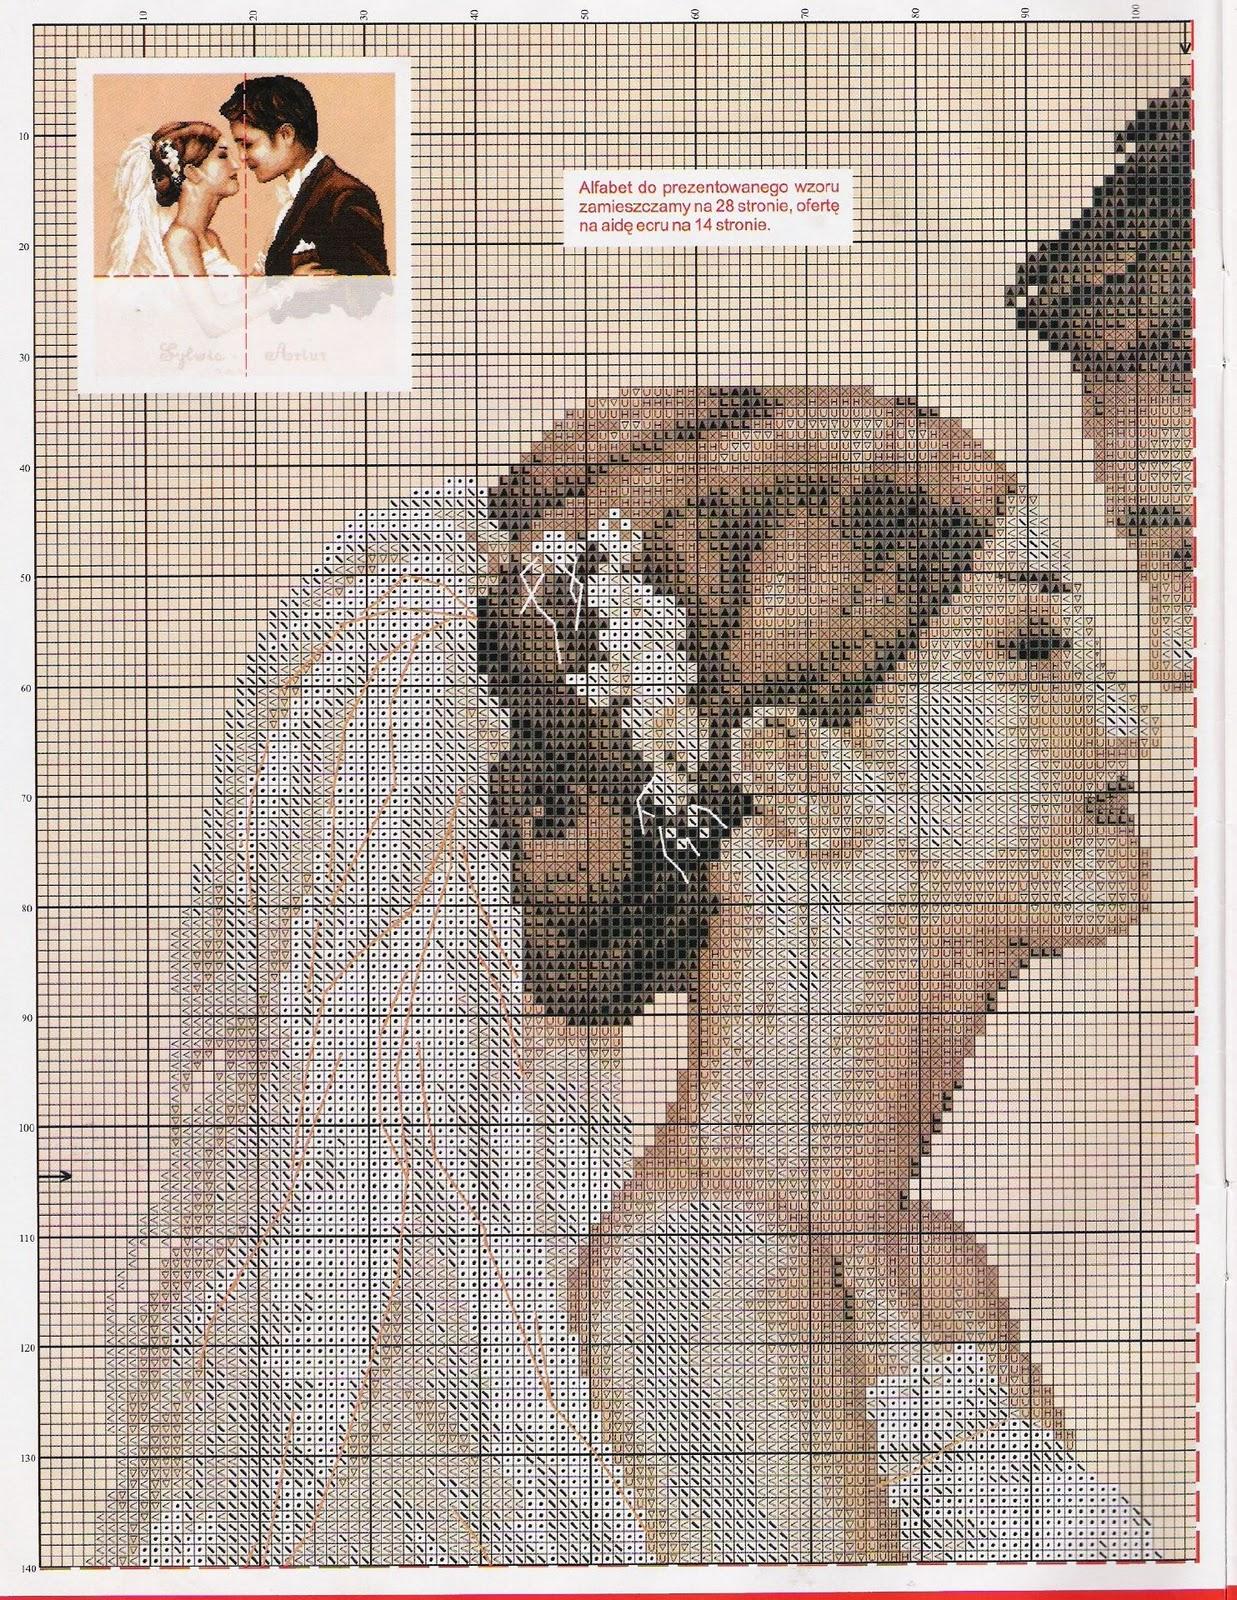 Программа как сделать из фото схему для вышивки крестом